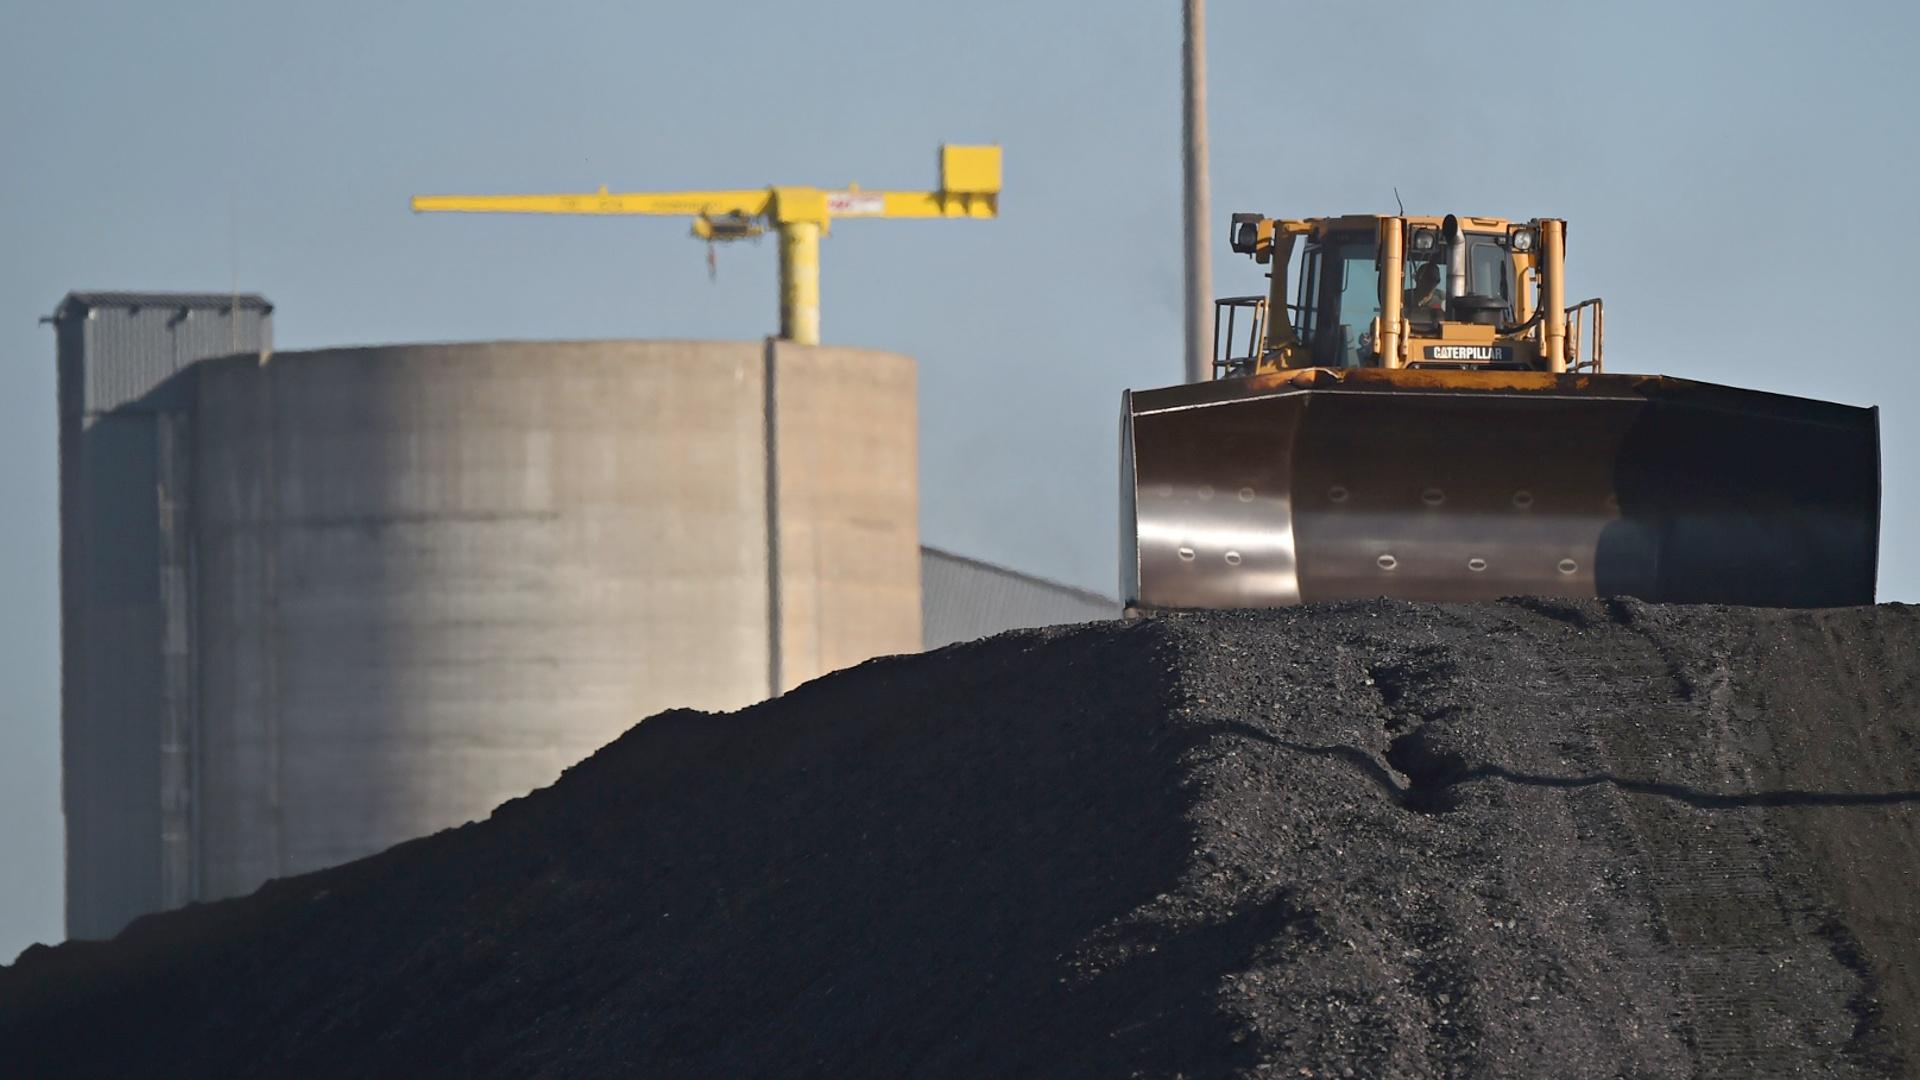 Северная Корея делает ставку на уголь, несмотря на грязный воздух